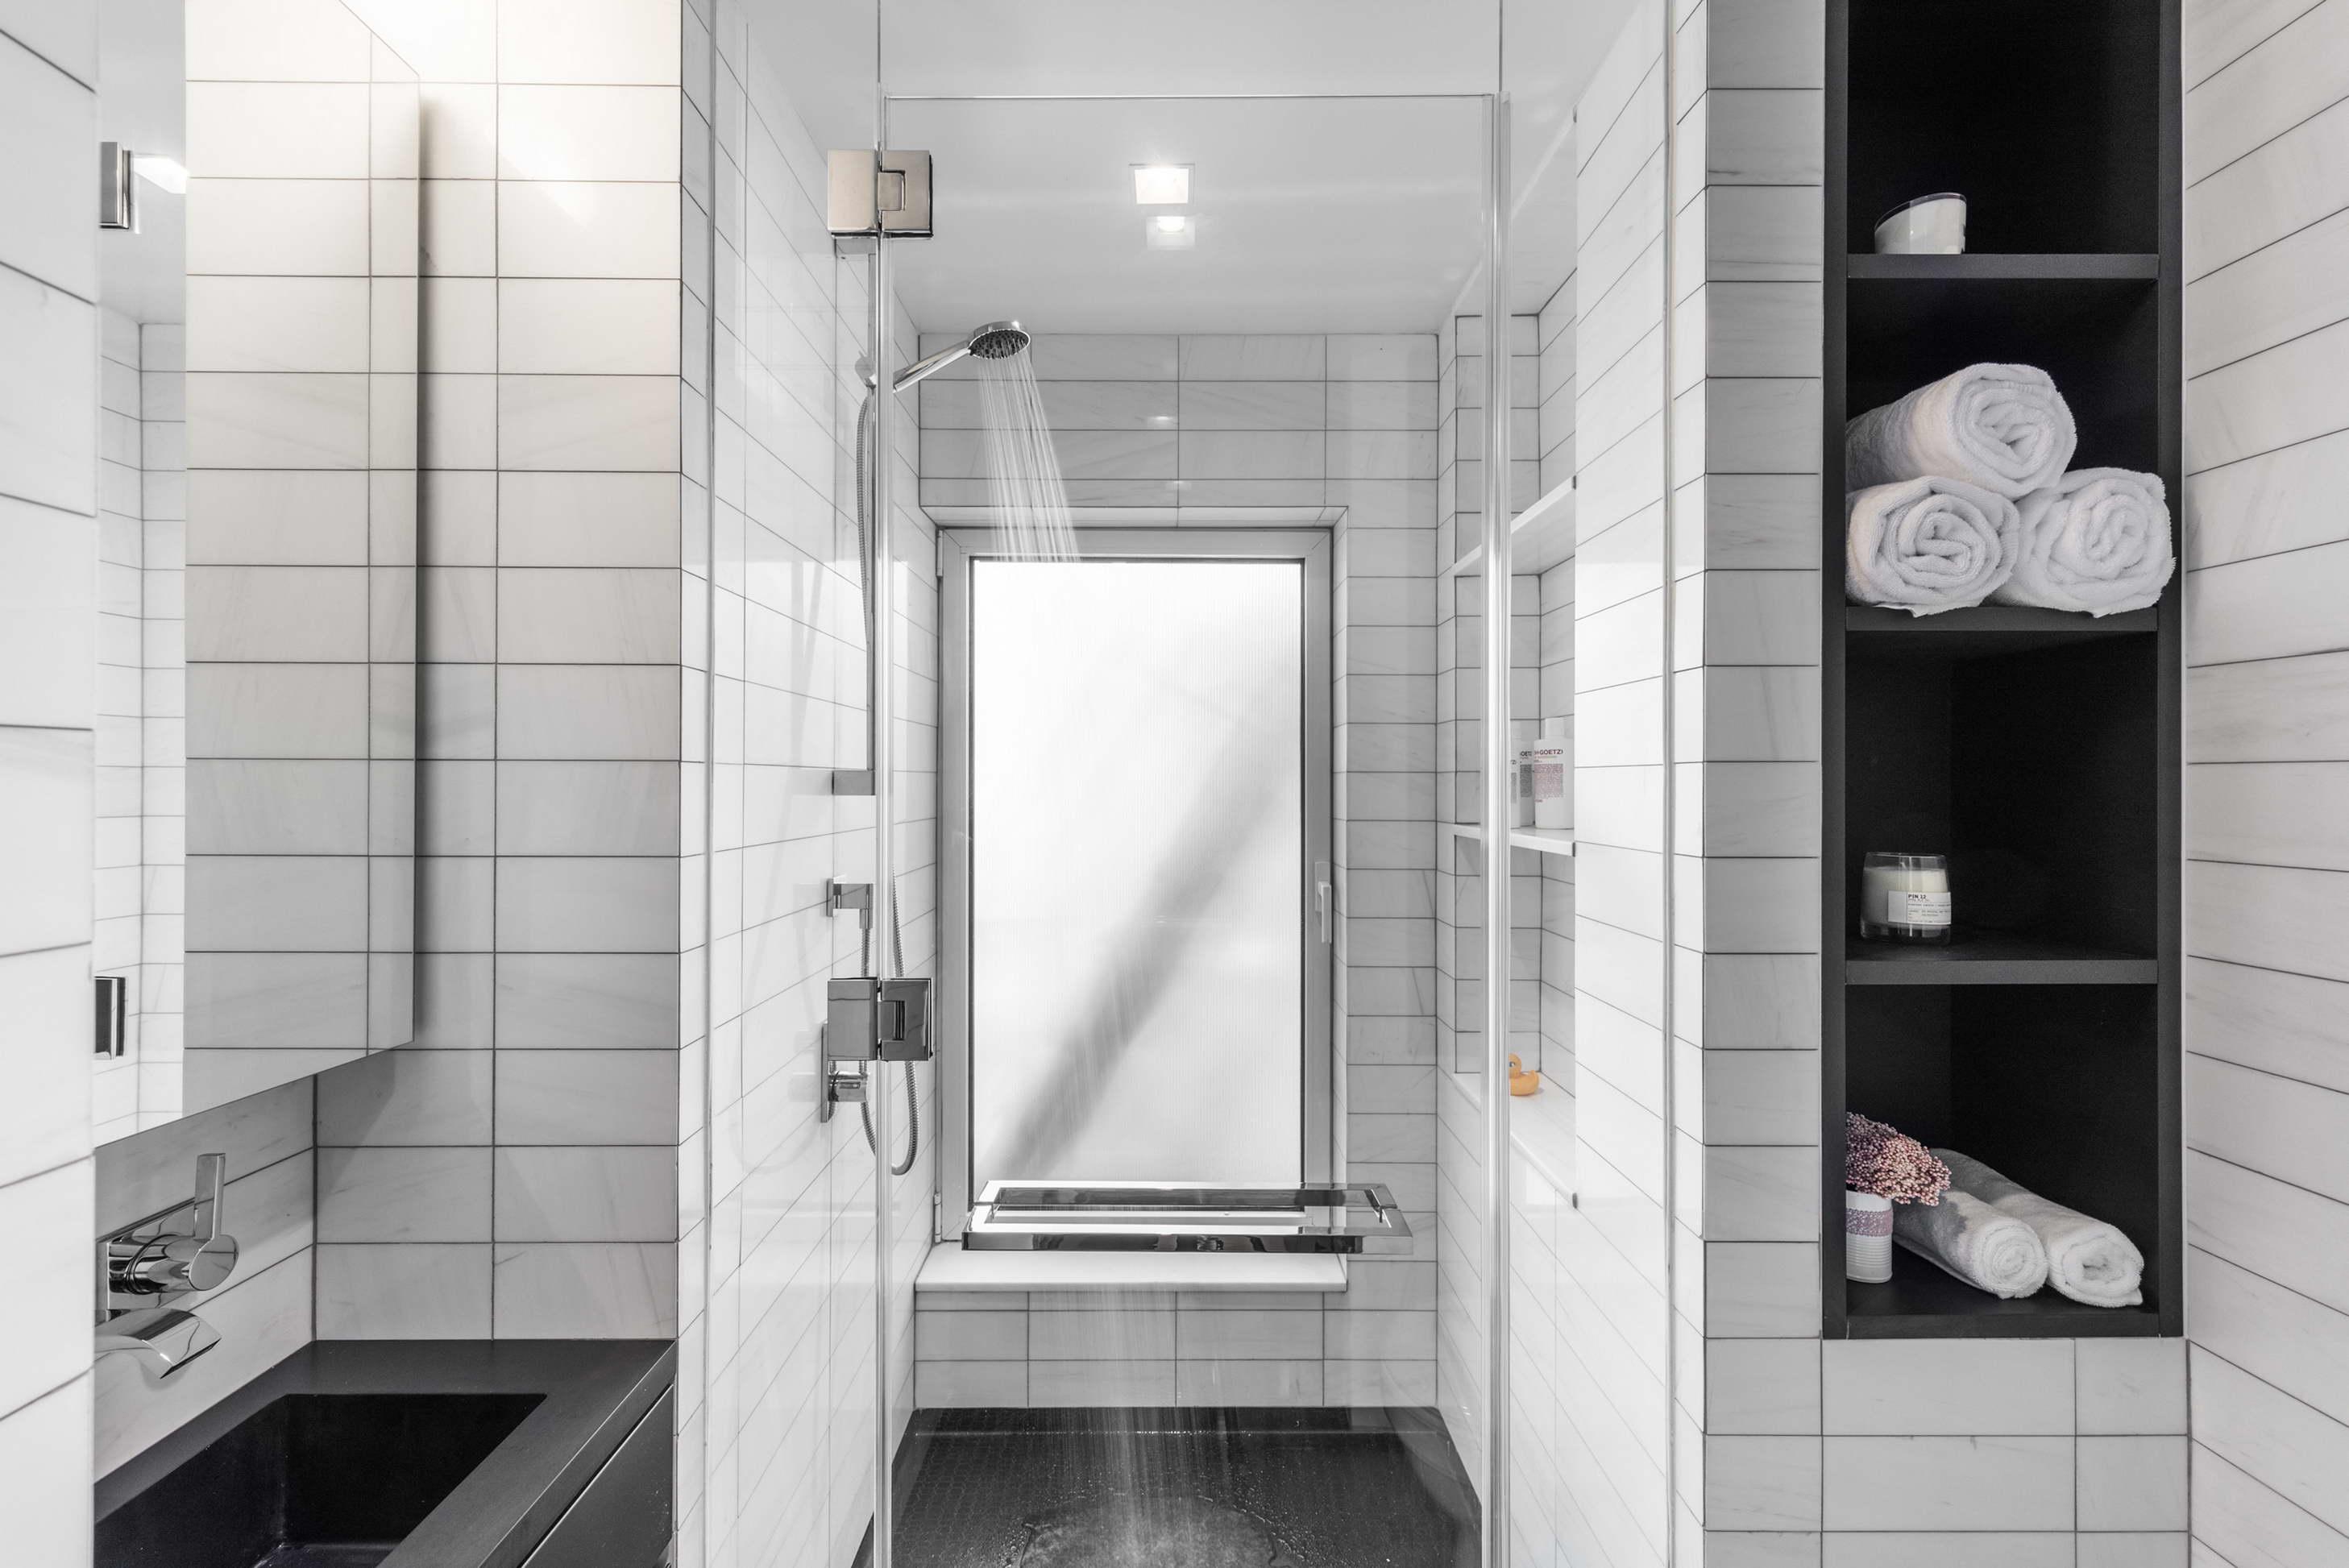 mikrolakás multifunkciós berendezése - fürdőszoba